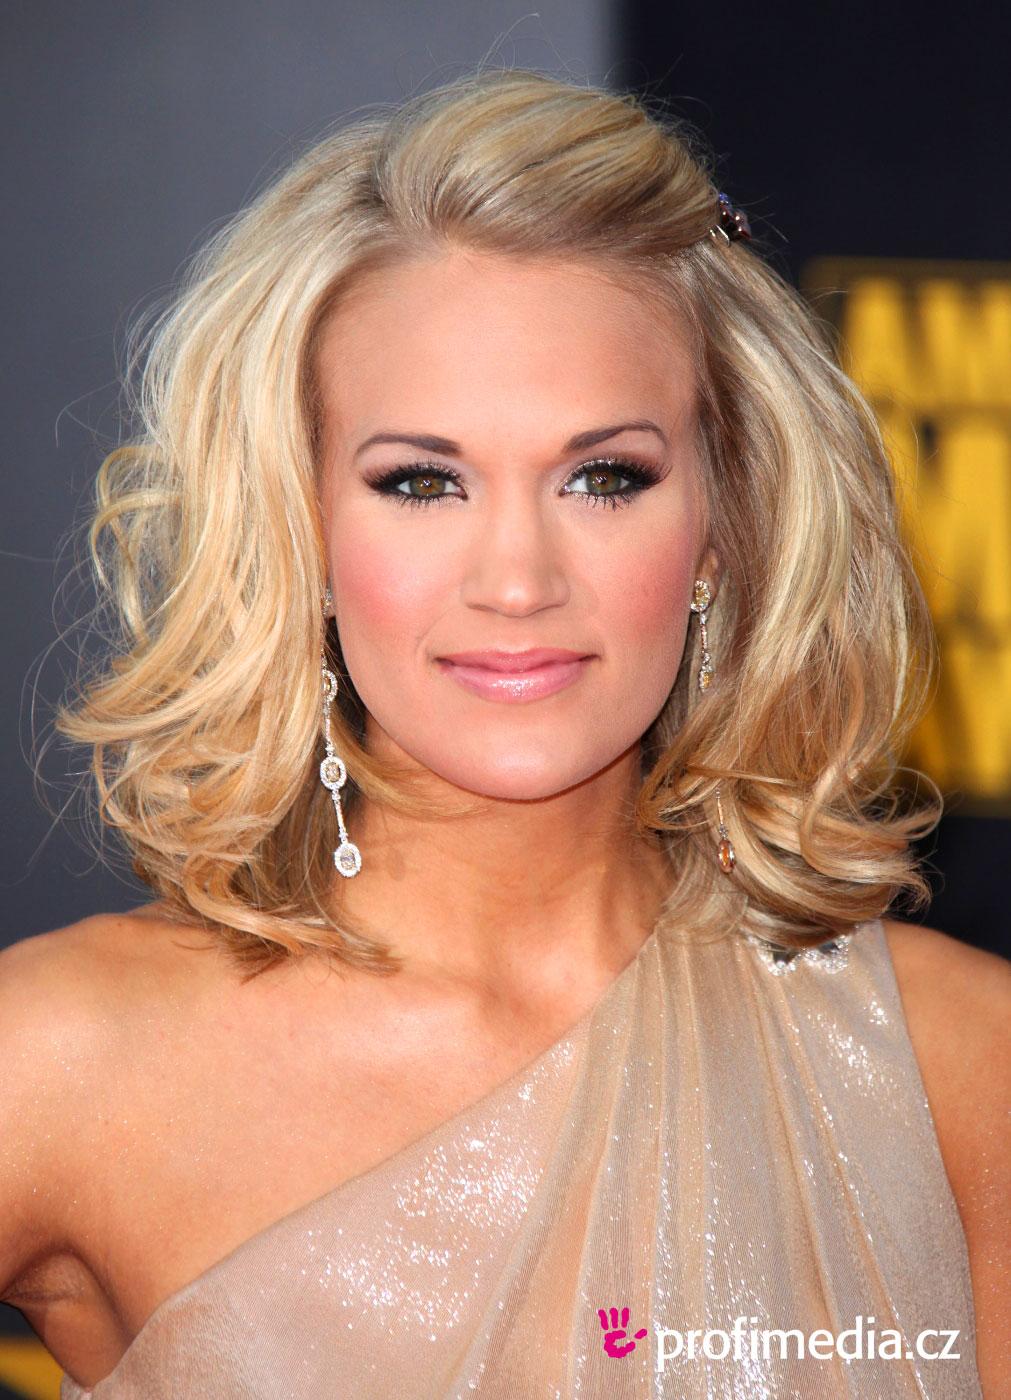 Carrie Underwood Hairstyle Easyhairstyler